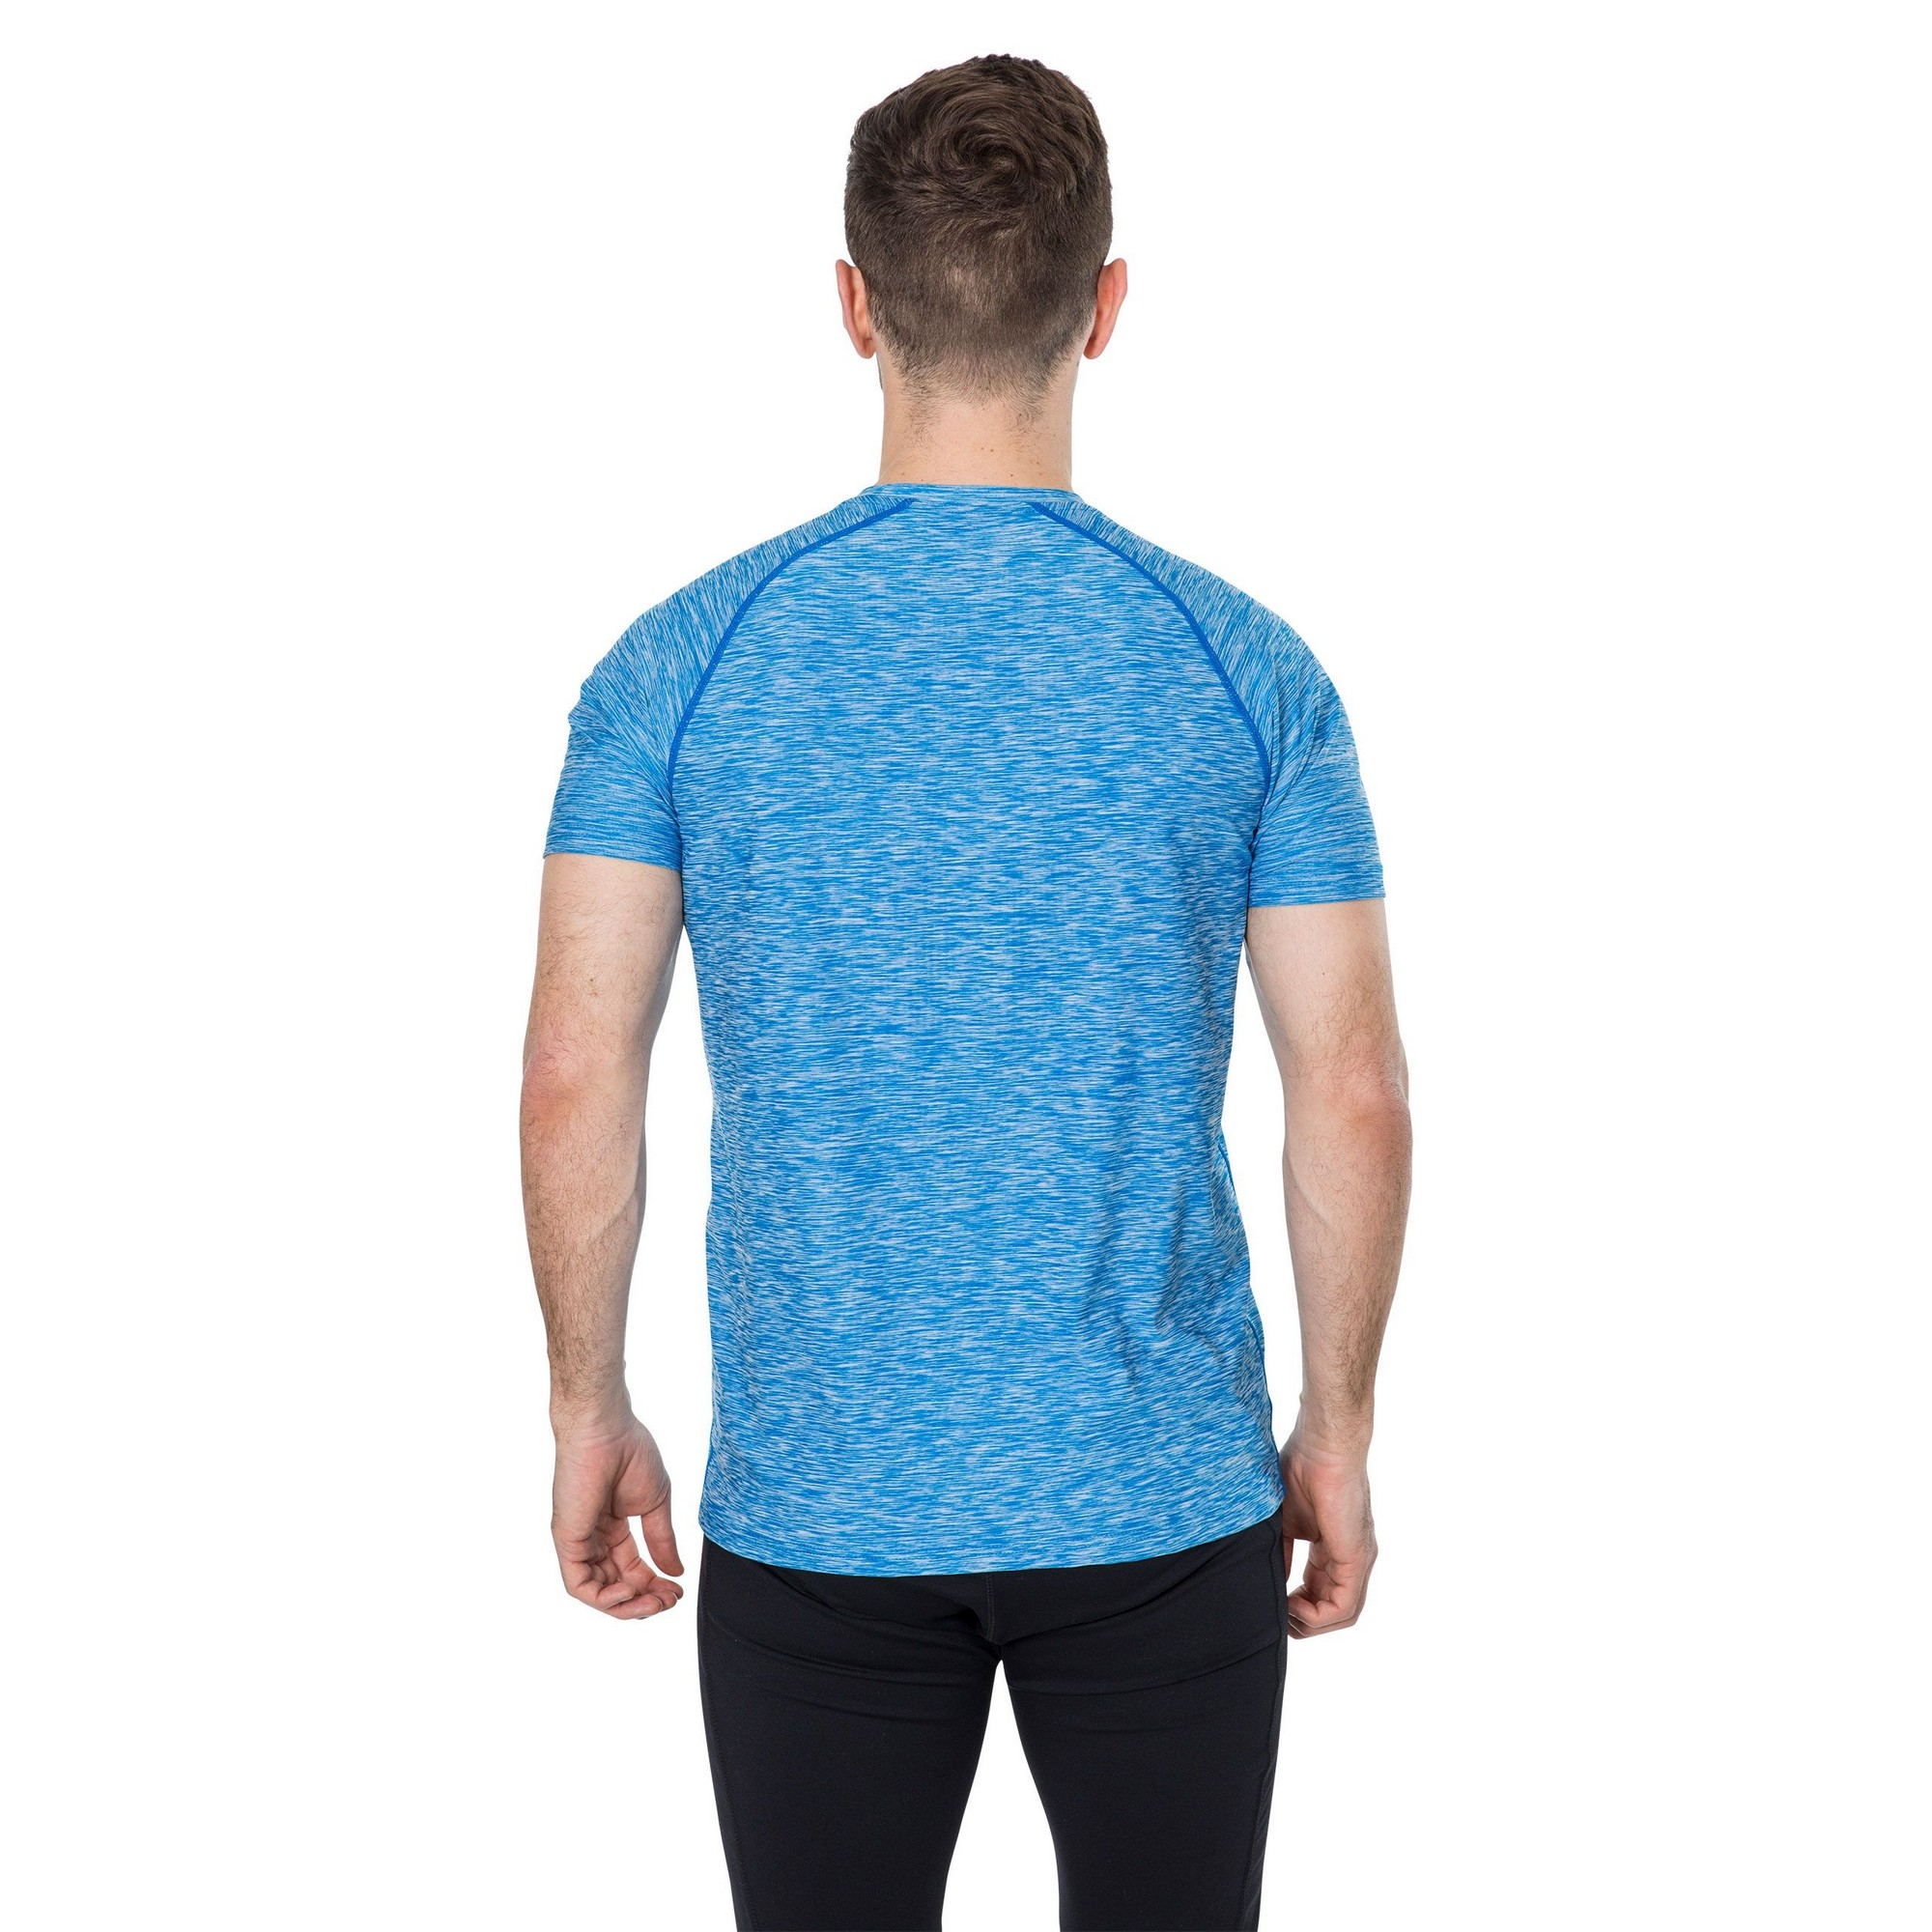 Trespass Mens Gaffney Active T-Shirt TP4069